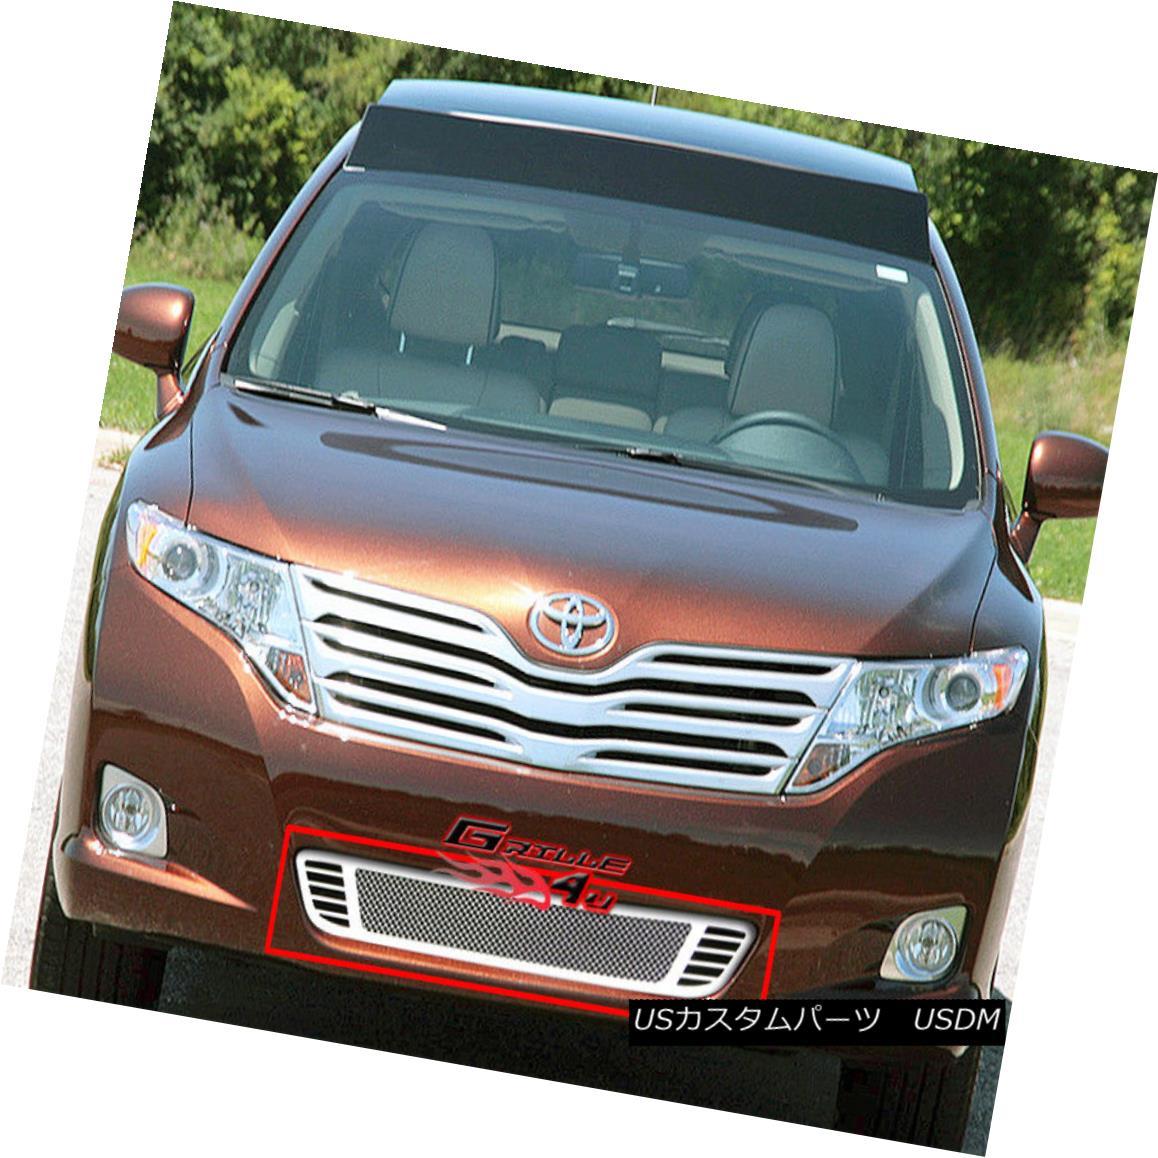 グリル For 09-11 2011 Toyota Venza Bumper Stainless Mesh Grille 2011年9月11日トヨタVenzaバンパーステンレスメッシュグリル